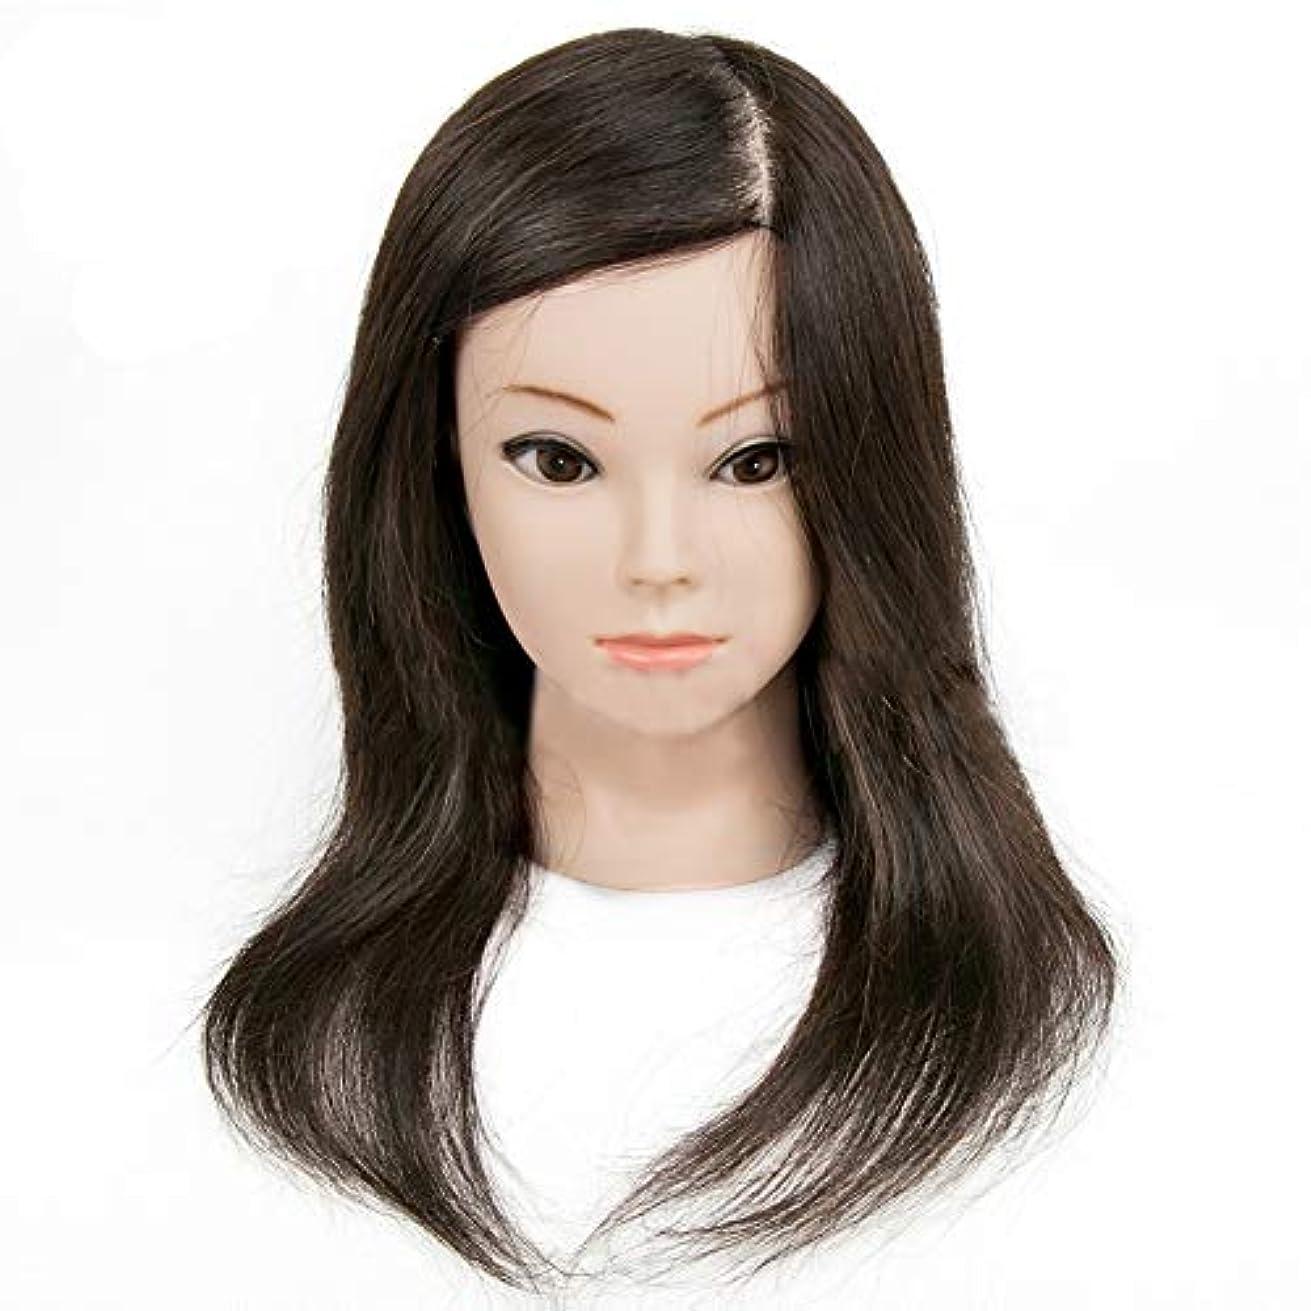 素晴らしき出費パラダイス編んだ髪のヘッドモデル本物の人間の髪のスタイルの学習モデルヘッドサロンの学習は熱いと染めた髪のダミーの頭にすることができます